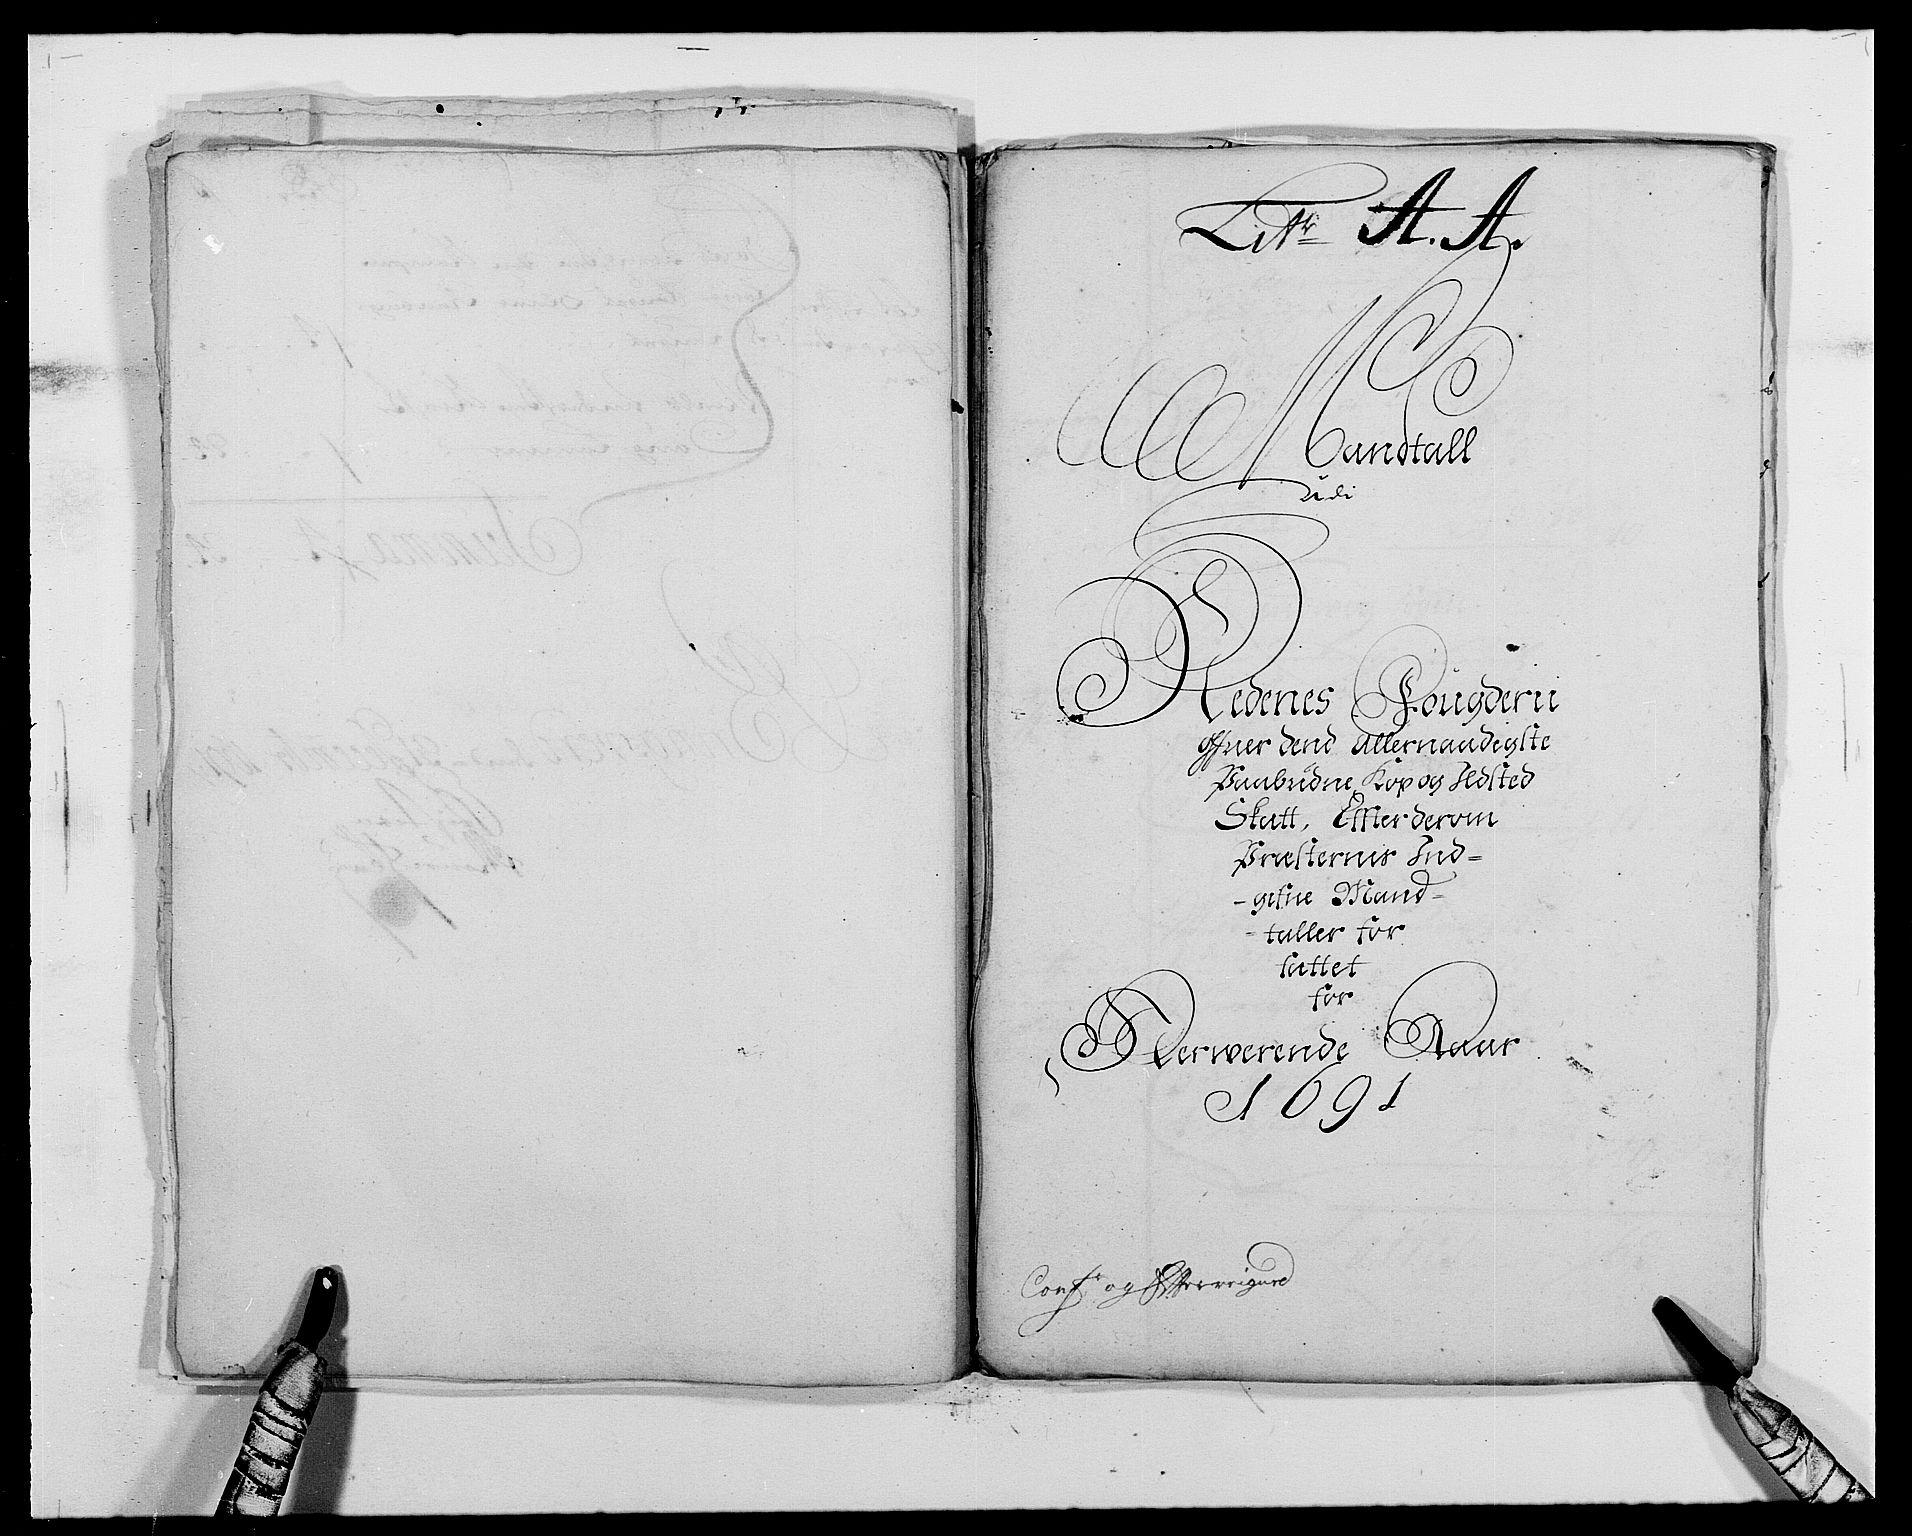 RA, Rentekammeret inntil 1814, Reviderte regnskaper, Fogderegnskap, R39/L2311: Fogderegnskap Nedenes, 1690-1692, s. 124